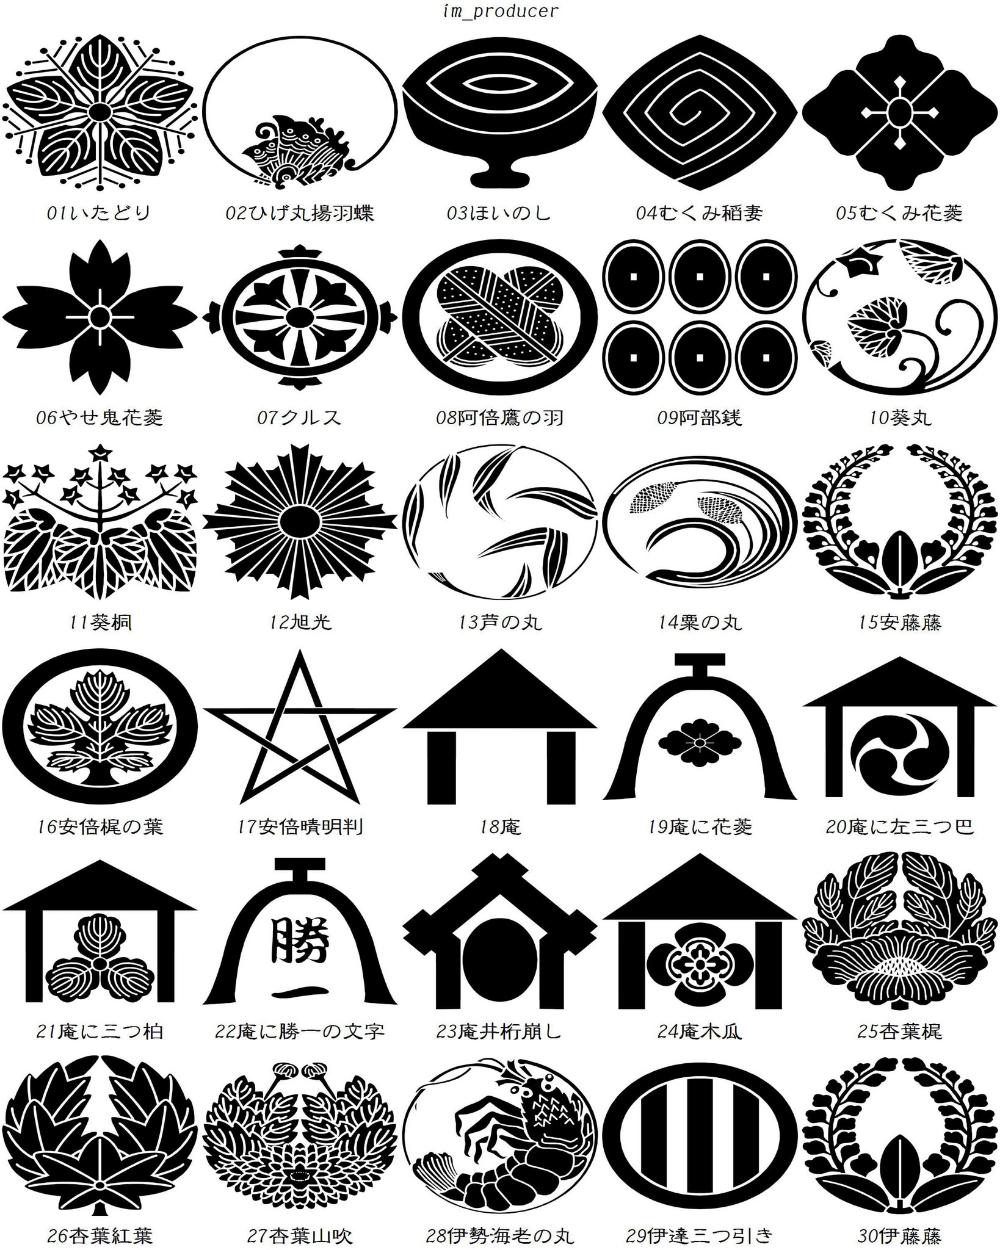 オリジナル 家紋 和柄 スマホケース アプリよりも簡単で綺麗にオリジナル